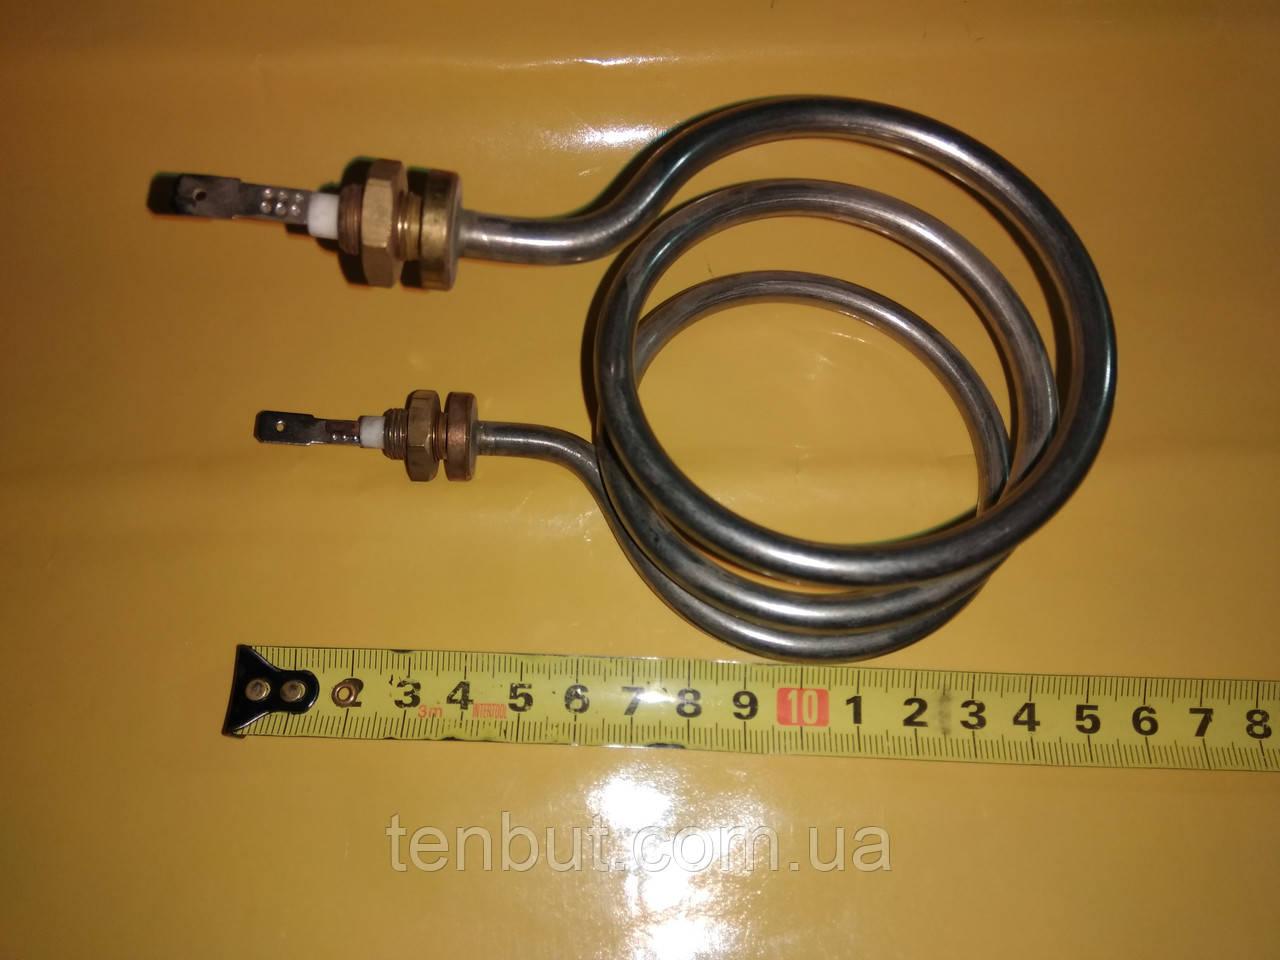 ТЭН для кулера из нержавеющей стали 220 В. / 450 Вт./ штуцер Ø 10 мм. производитель Турция SANAL